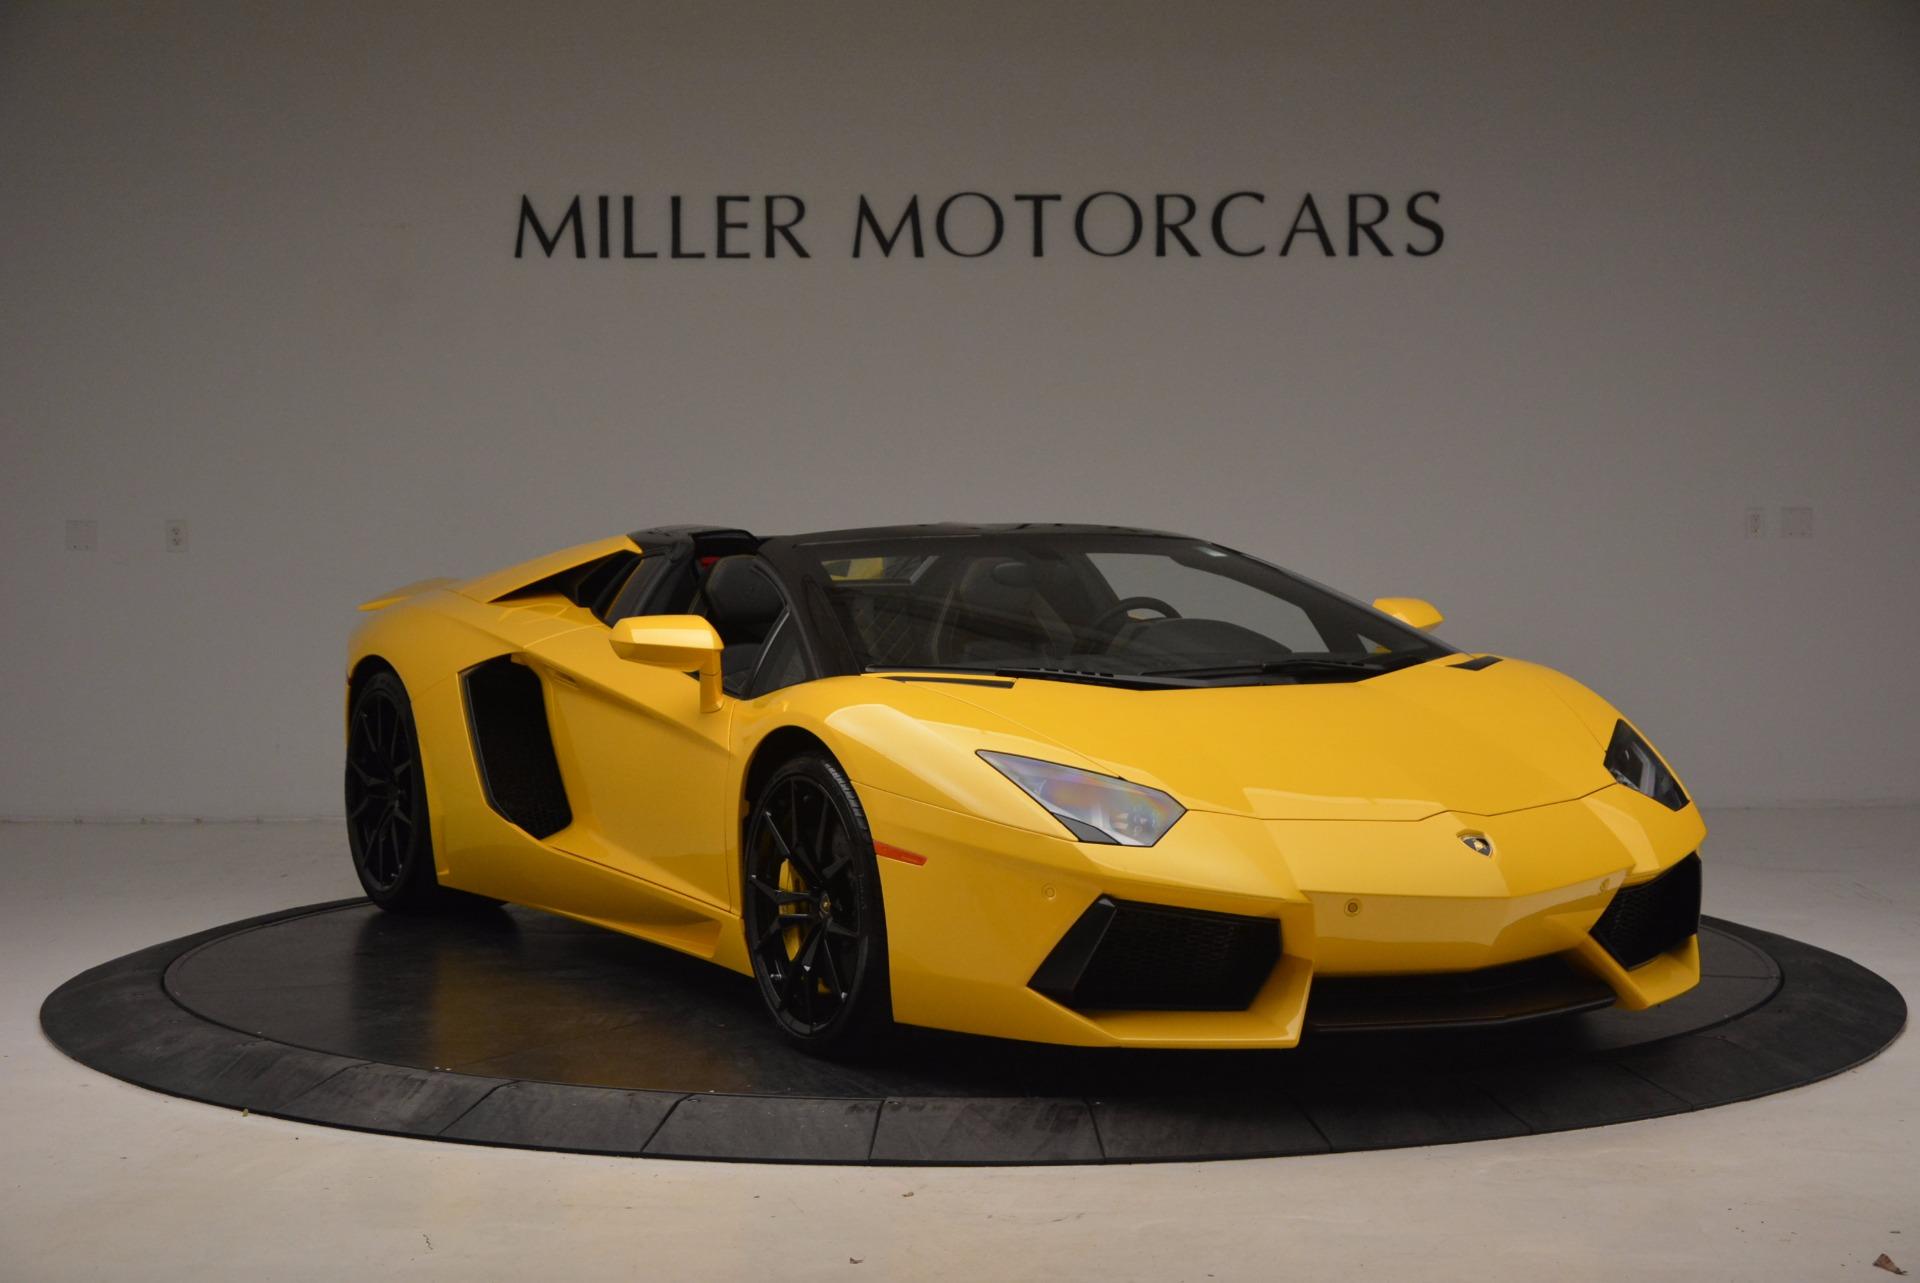 Used 2015 Lamborghini Aventador LP 700-4 Roadster For Sale In Greenwich, CT. Alfa Romeo of Greenwich, 7284 1774_p12